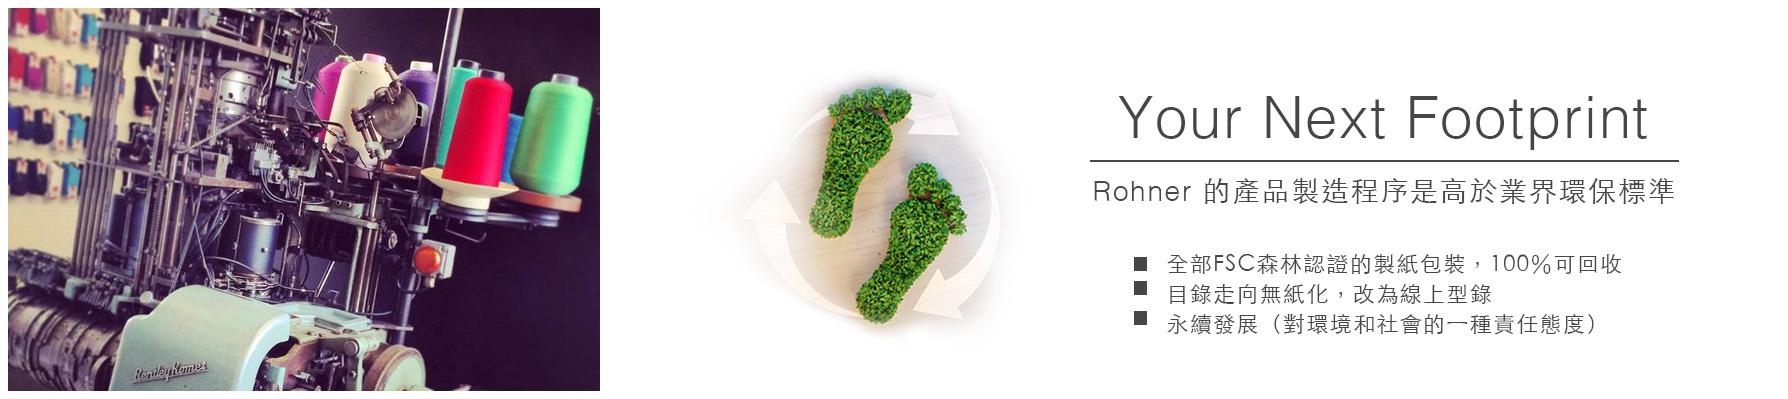 左右脚袜子结构拆解 针对左右脚而特别设计,确保在穿著中更合脚舒适.